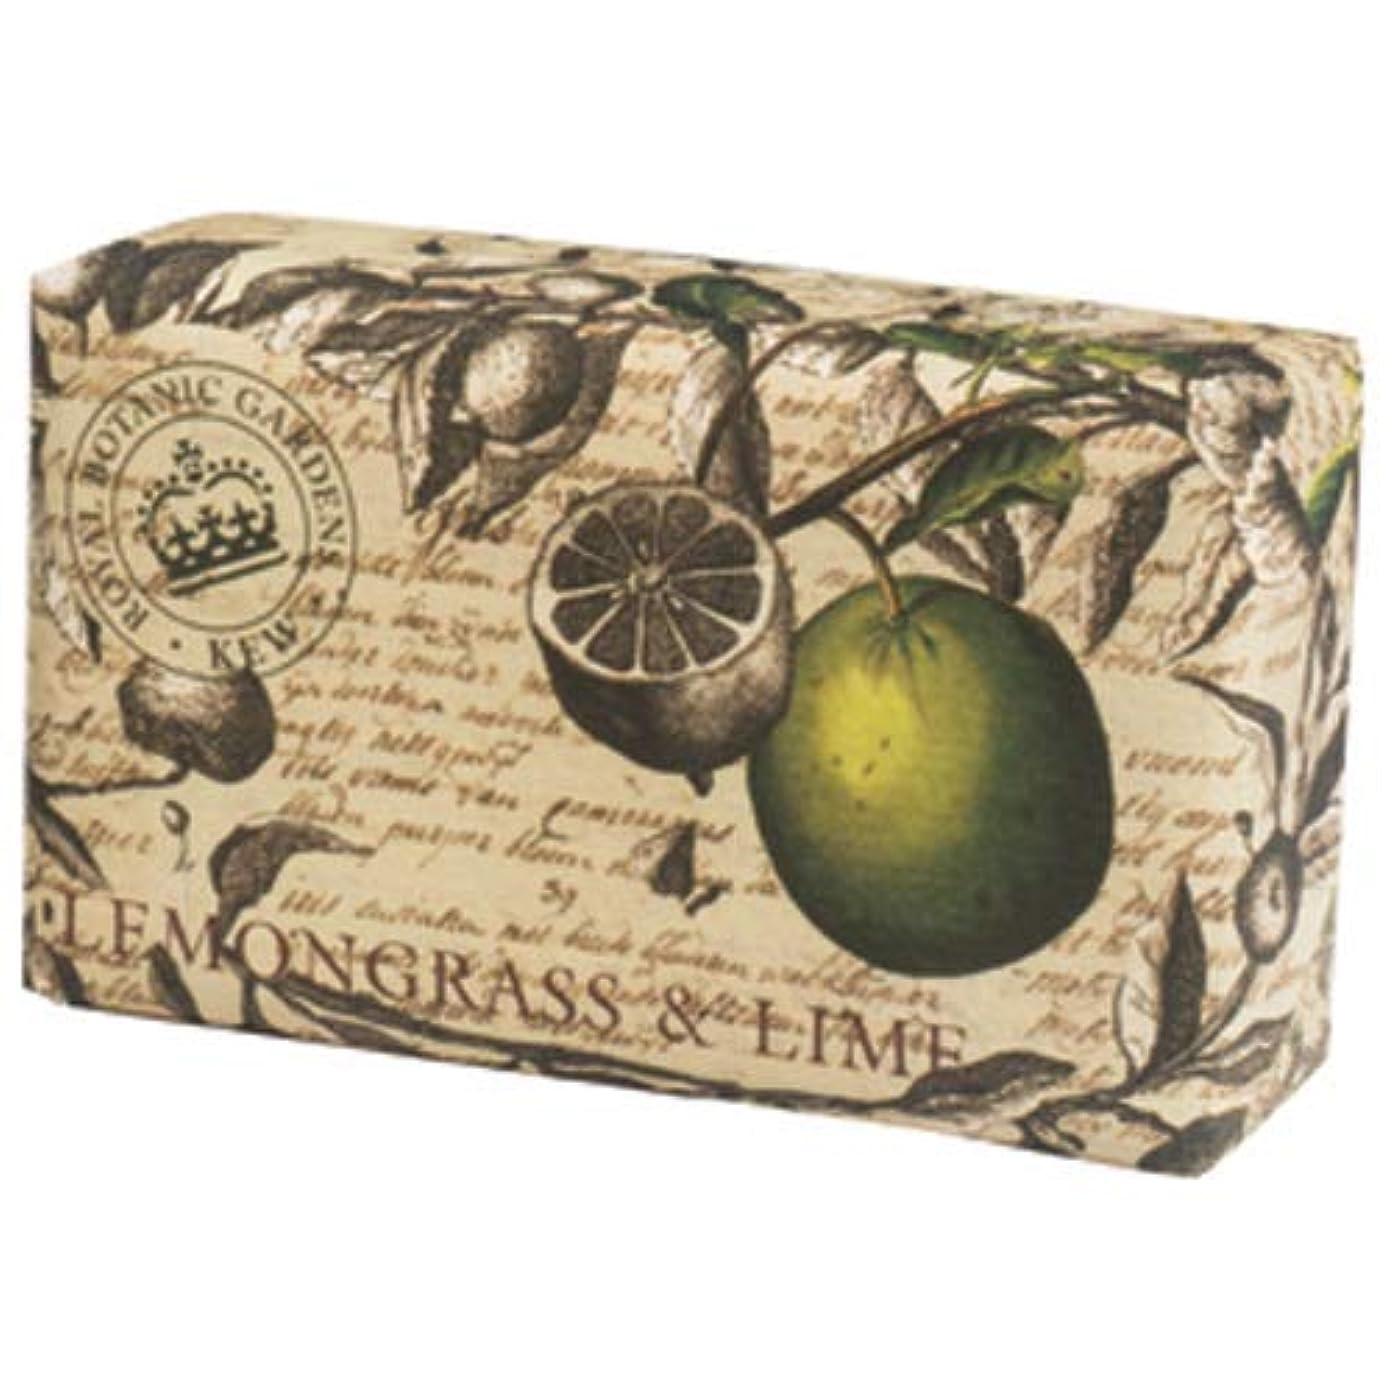 気取らない苦しむ人事English Soap Company イングリッシュソープカンパニー KEW GARDEN キュー?ガーデン Luxury Scrub Soaps スクラブソープ Lemongrass & Lime レモングラス&ライム